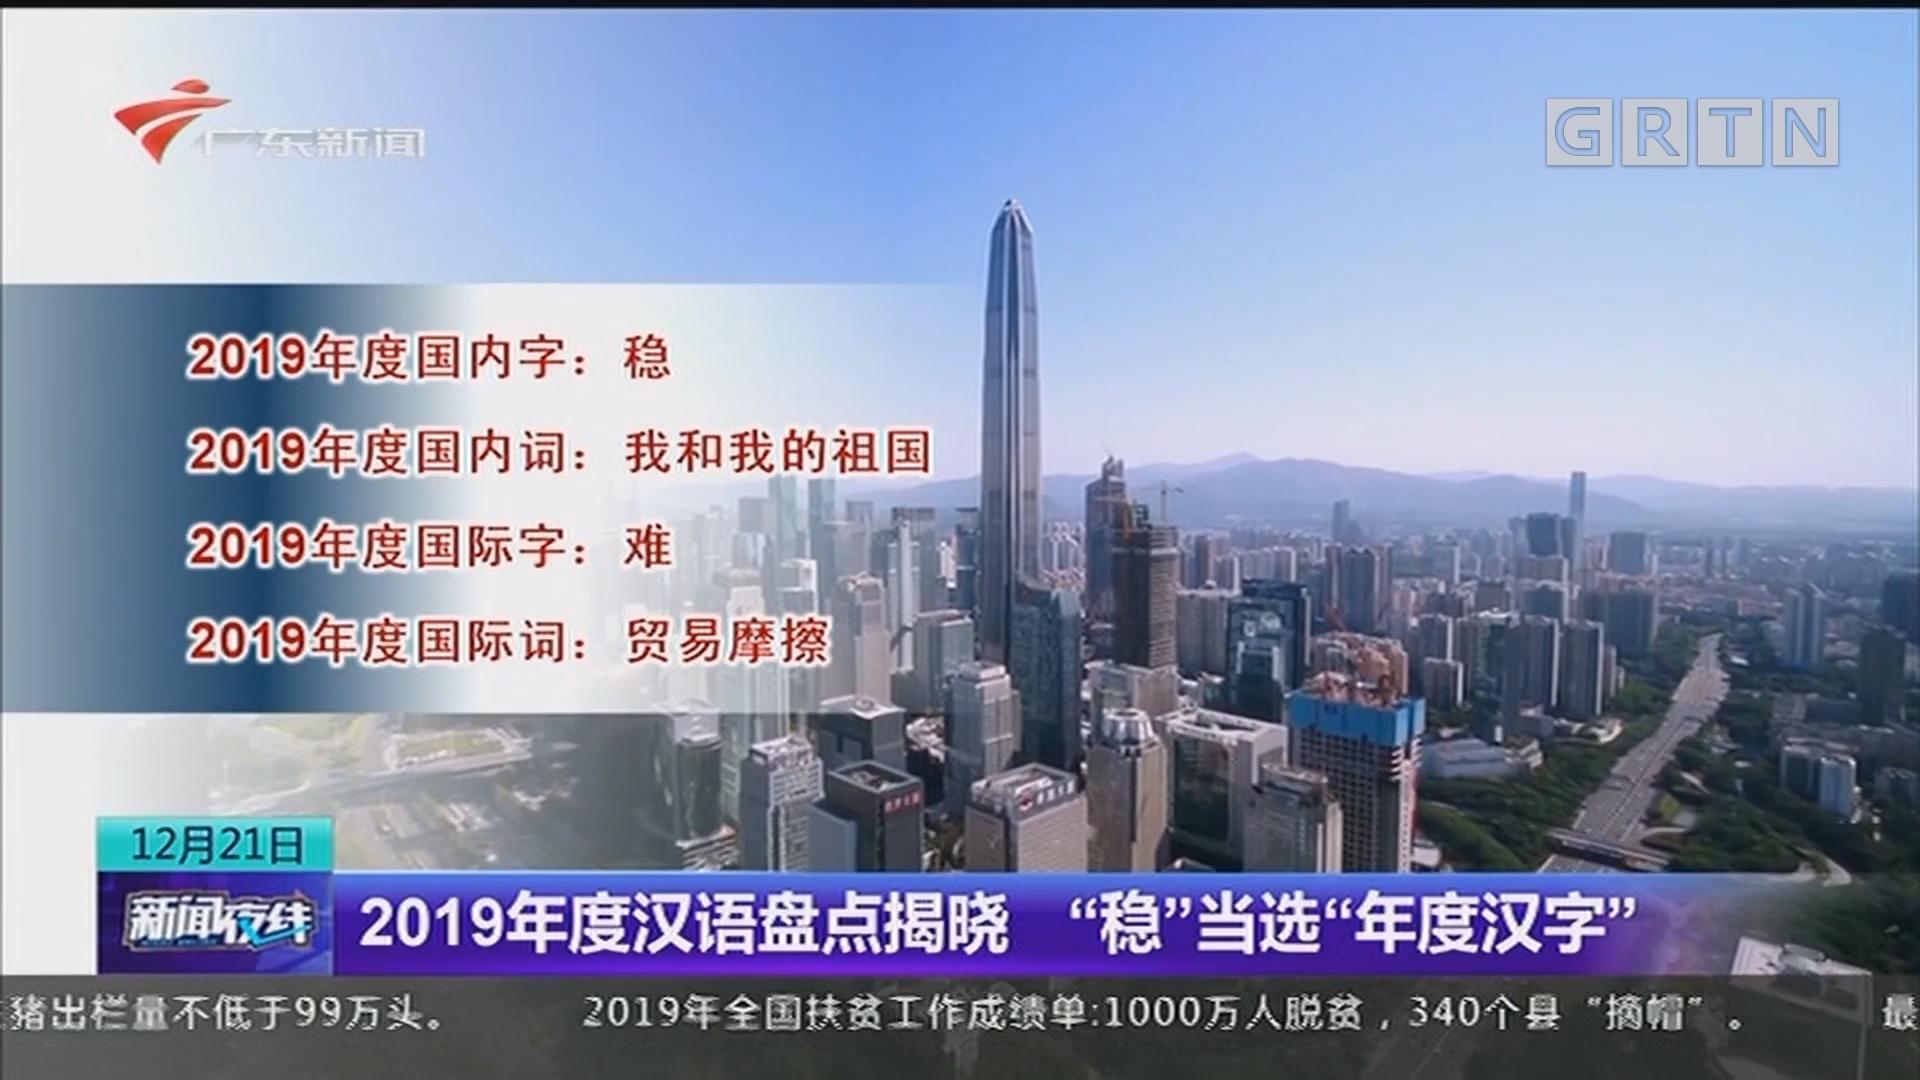 """2019年度汉语盘点揭晓 """"稳""""当选""""年度汉字"""""""